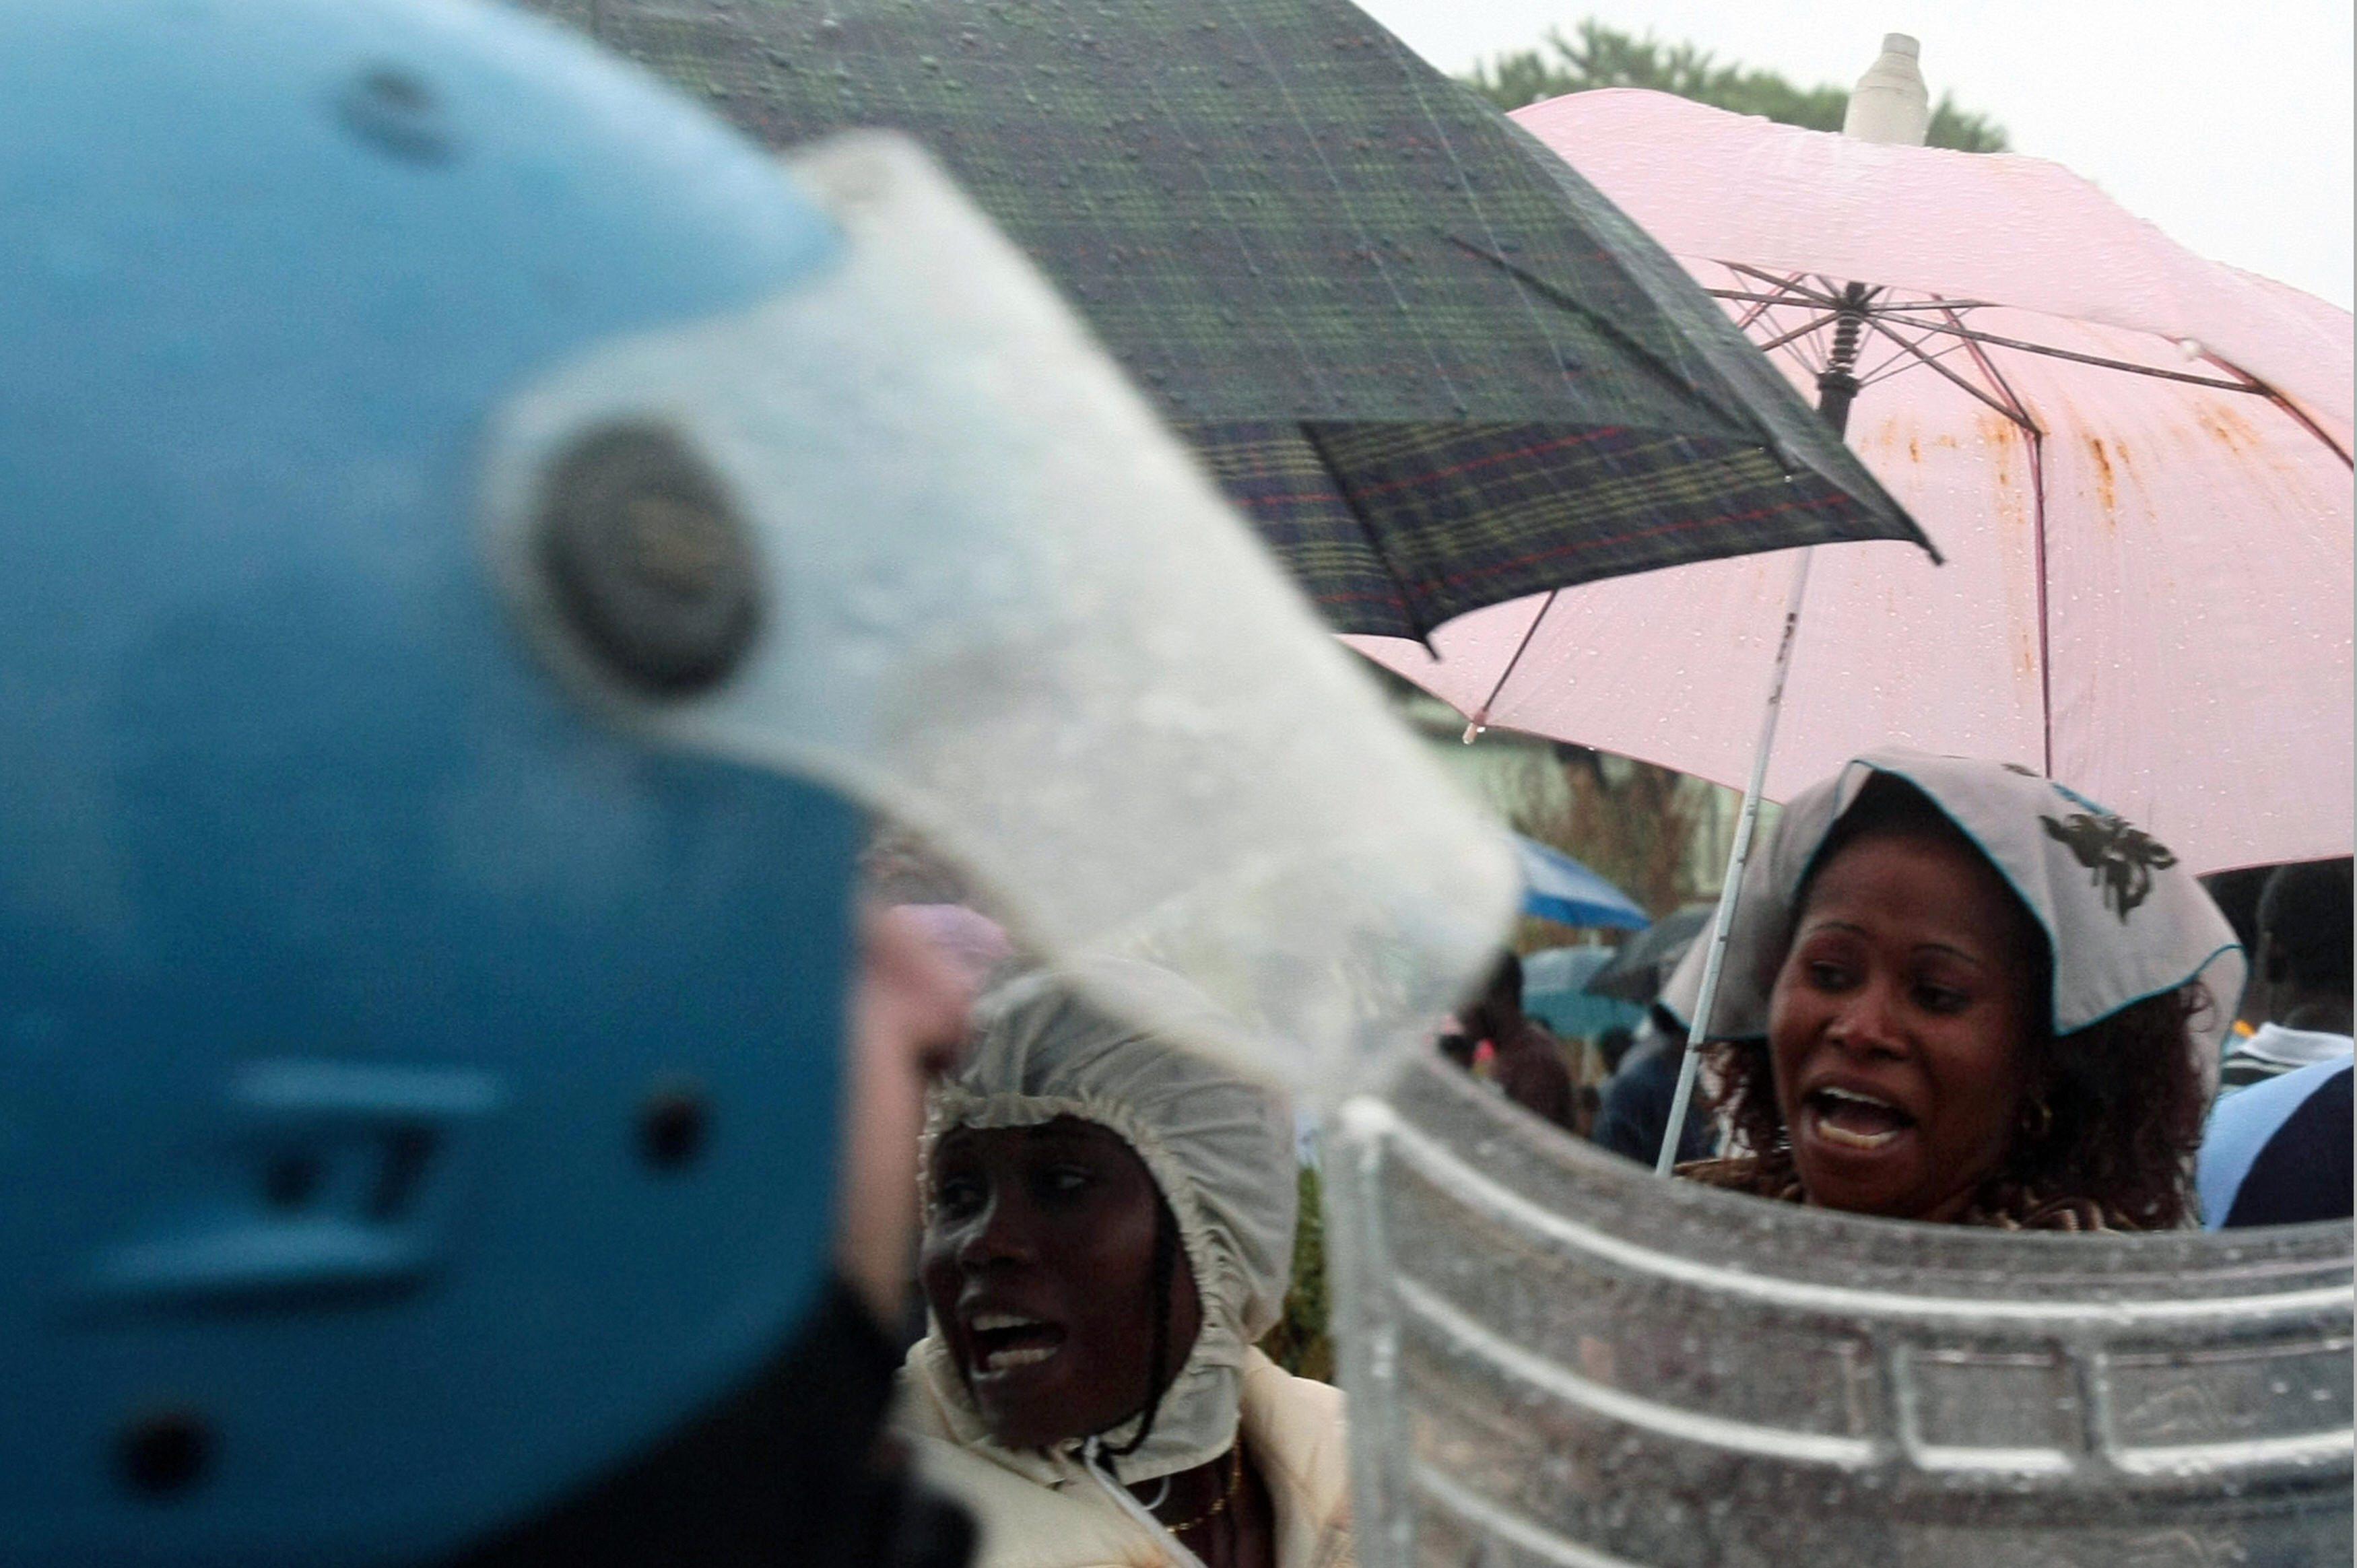 La rivolta dei migranti dopo la strage del 2008 a Castelvolturno